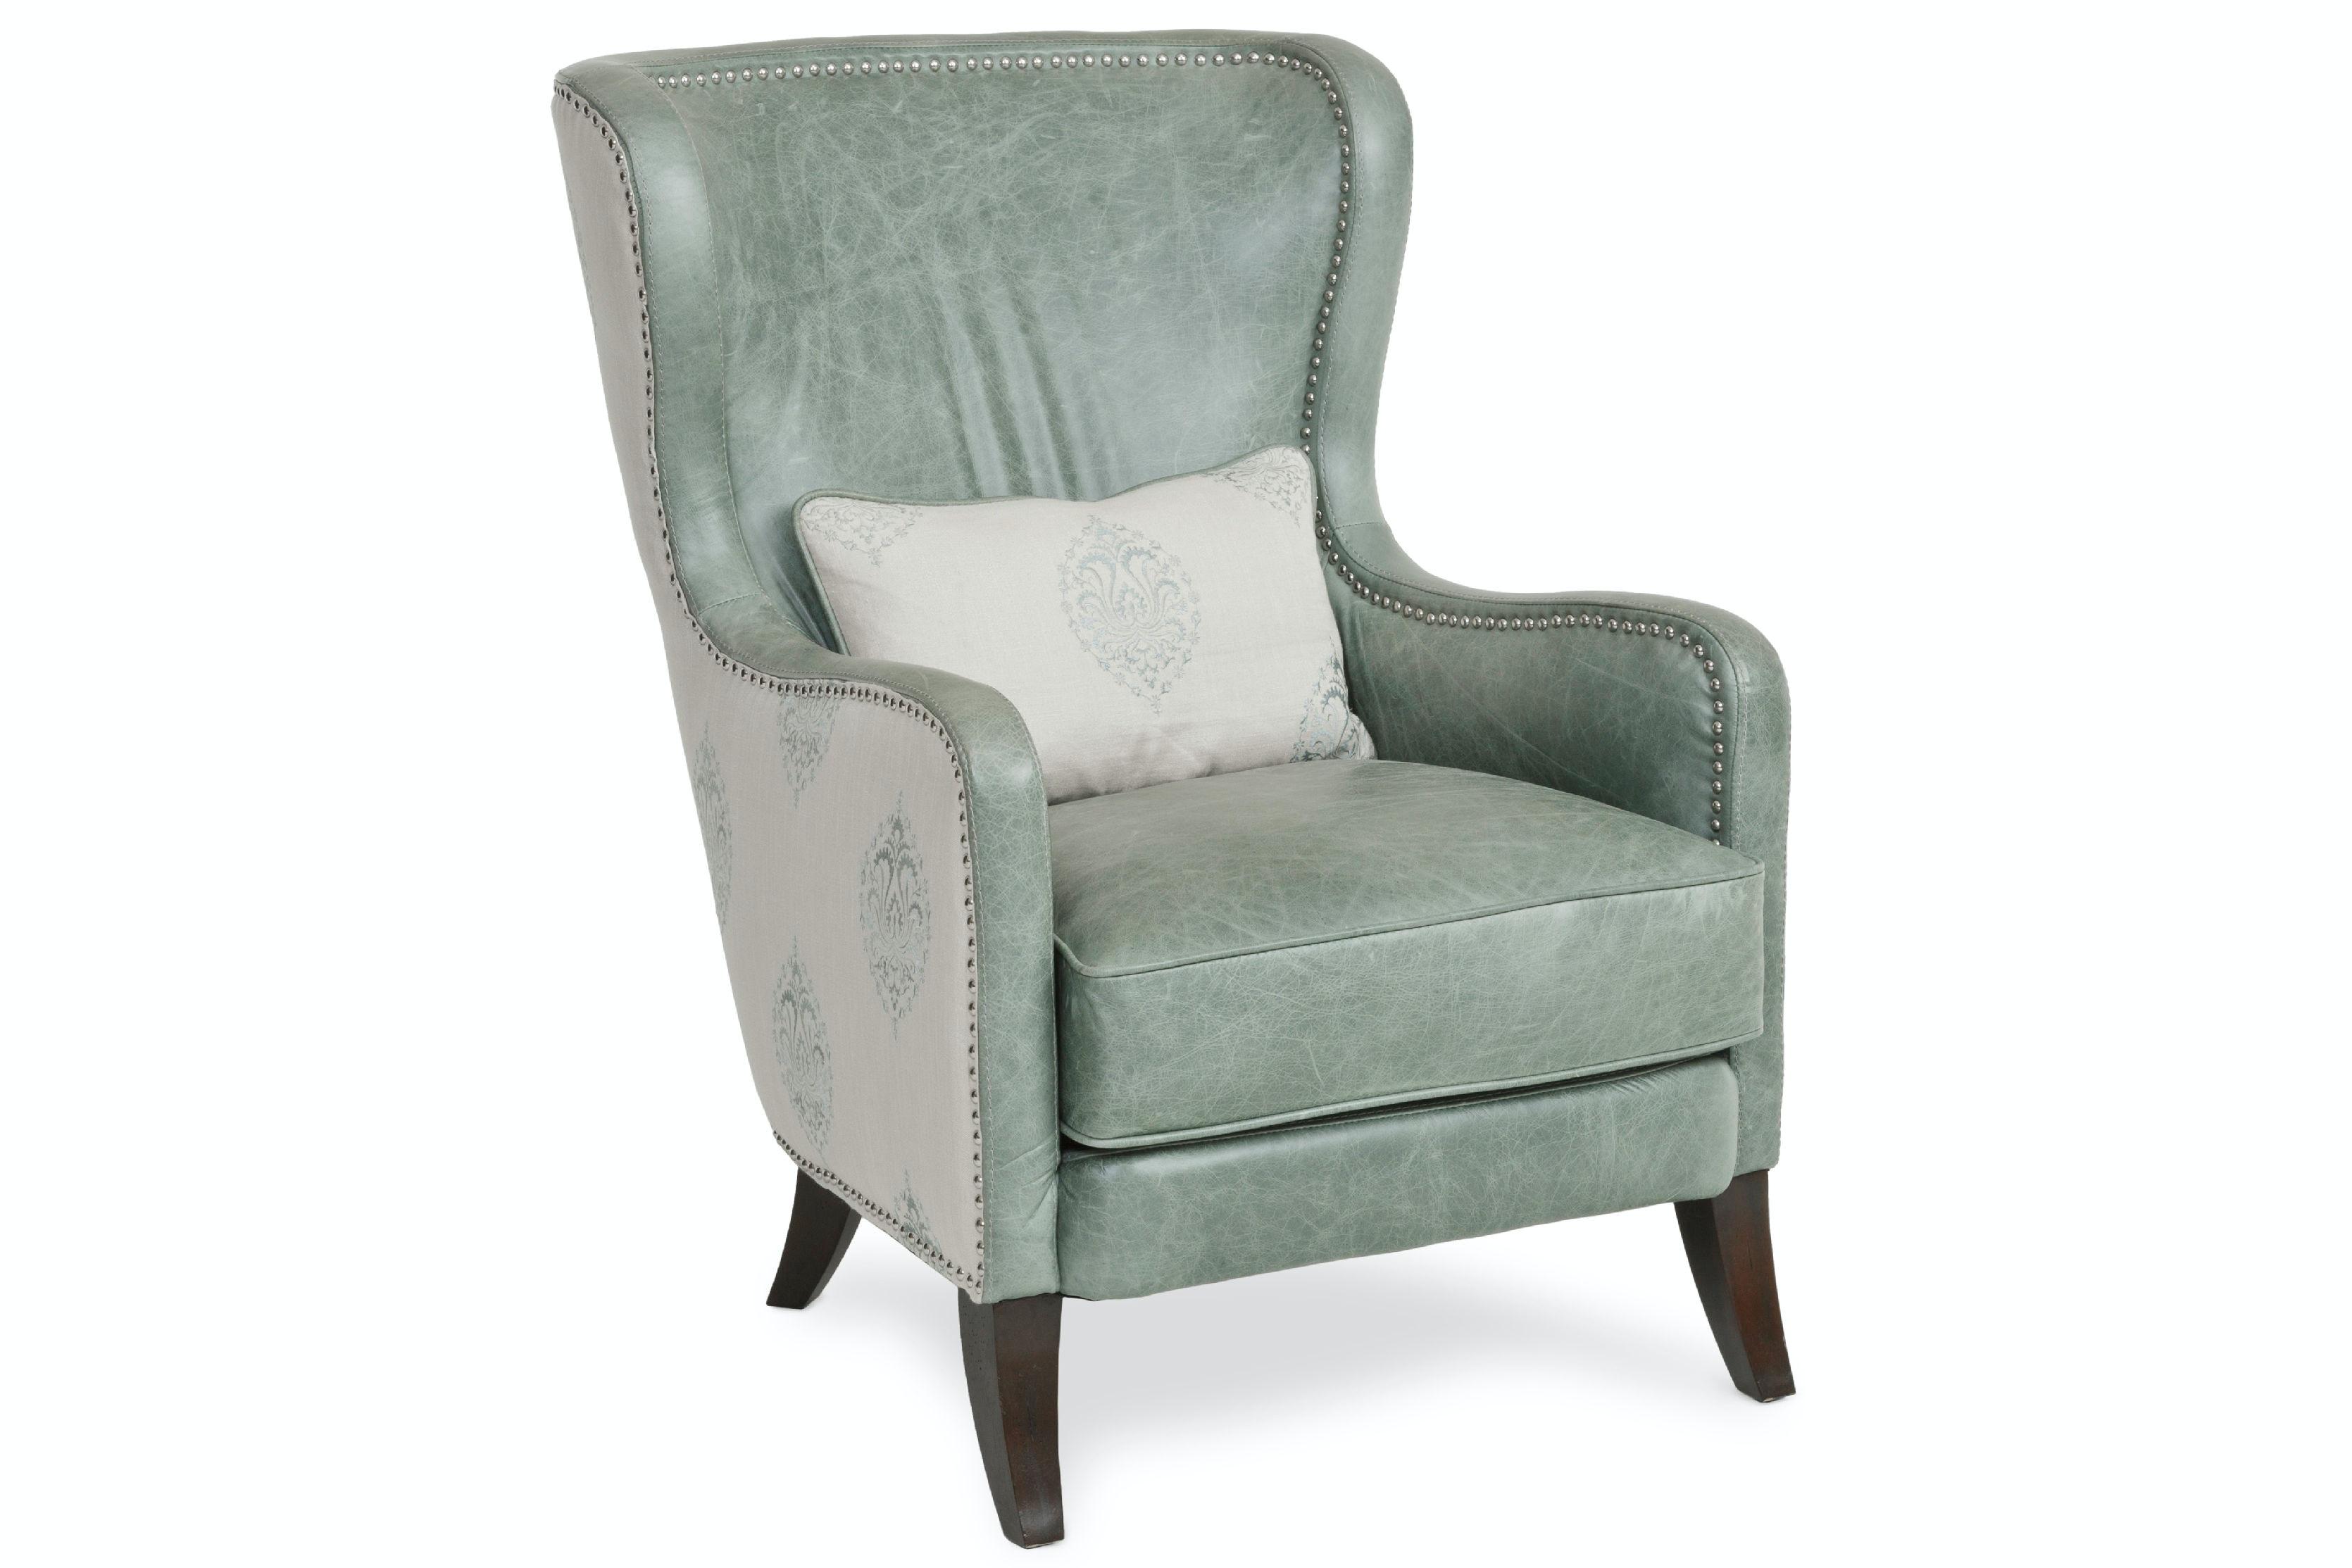 silver lake wing chair - Simon Li Furniture